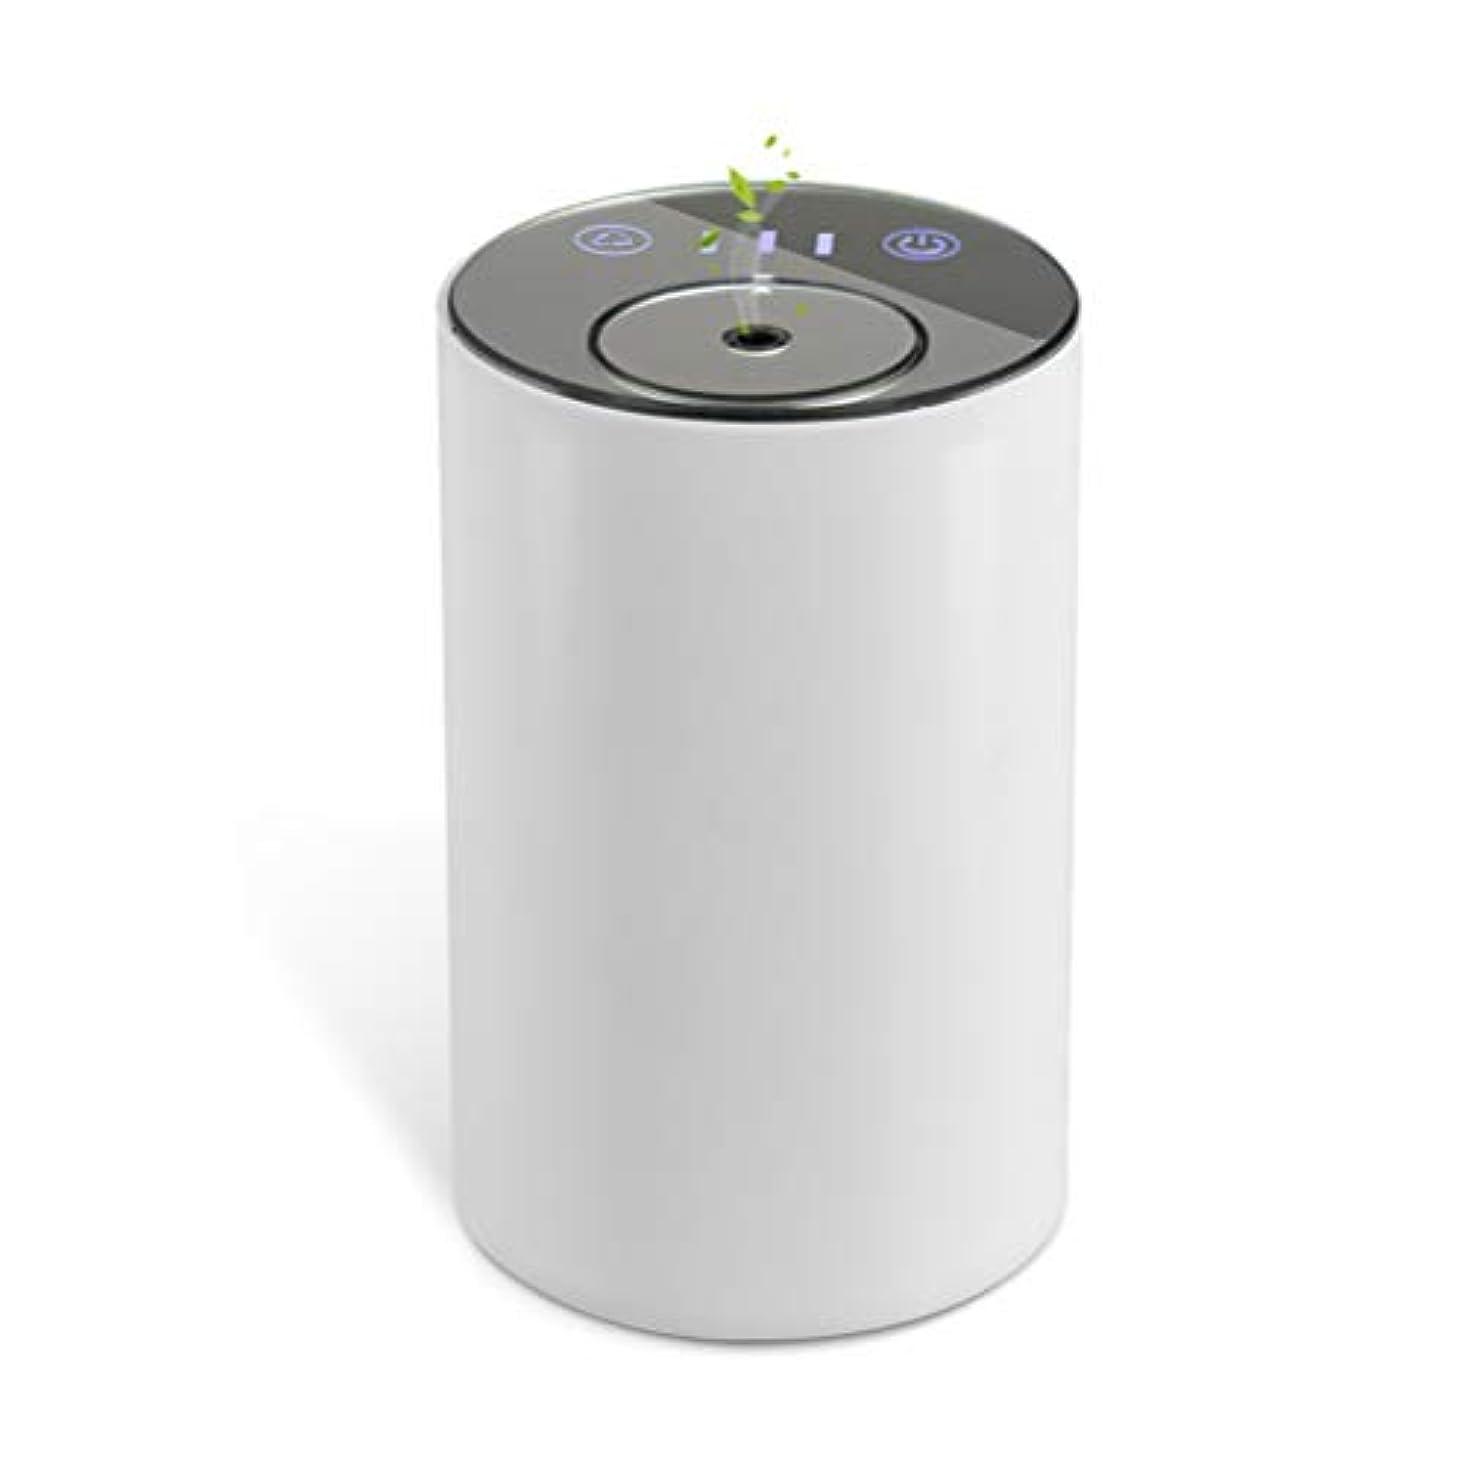 押し下げるラフ睡眠桁アロマディフューザー ネブライザー式 水なし 充電式 静音 噴霧 ミスト量調整可 タイマー機能 車用 エッセンシャルオイルの節約